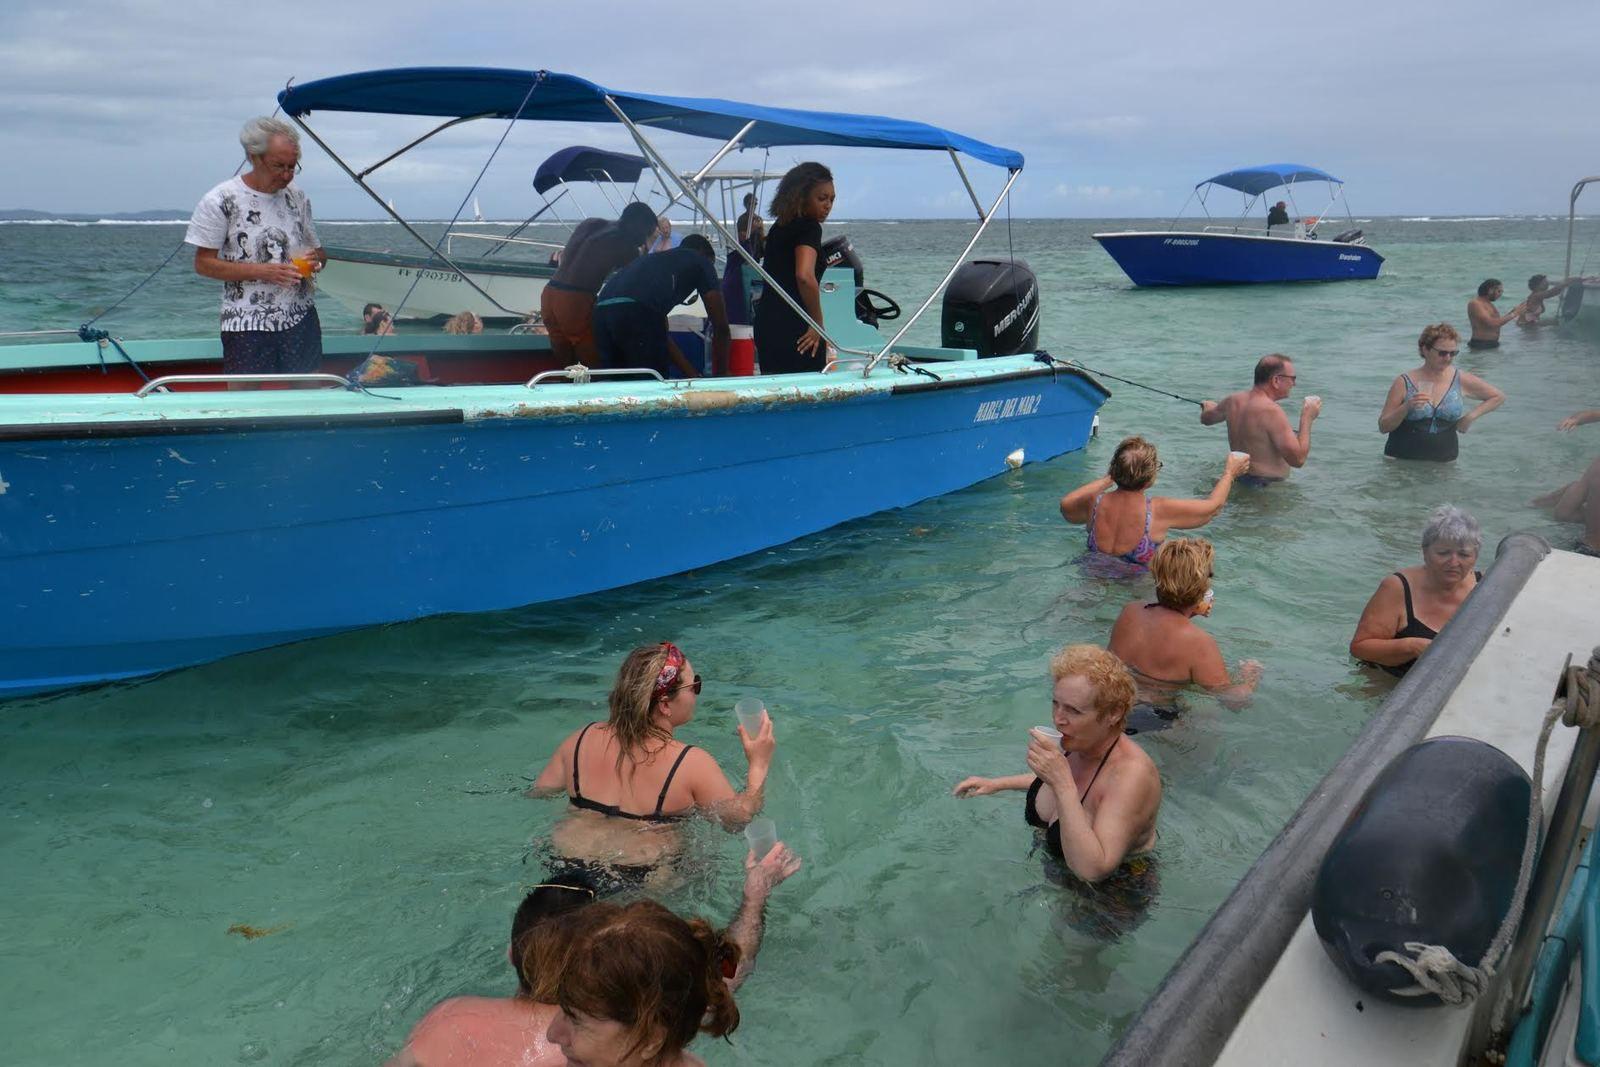 Des vacances agitées en Martinique... en temps de Covid-19